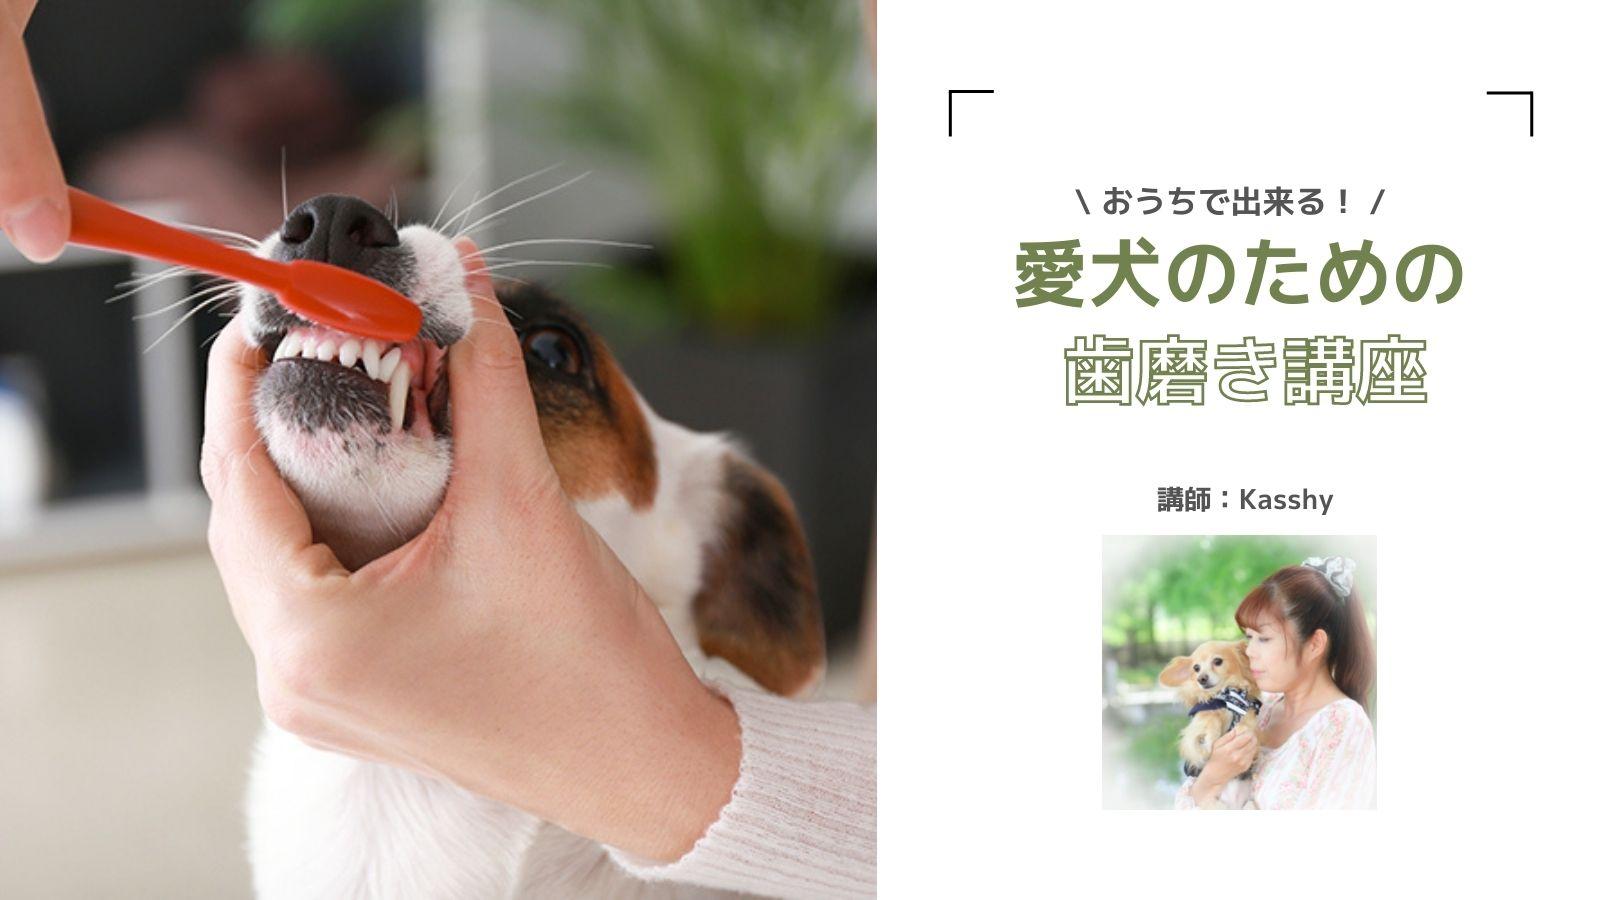 9/18 ※オンラインあり 愛犬のための歯磨き講座